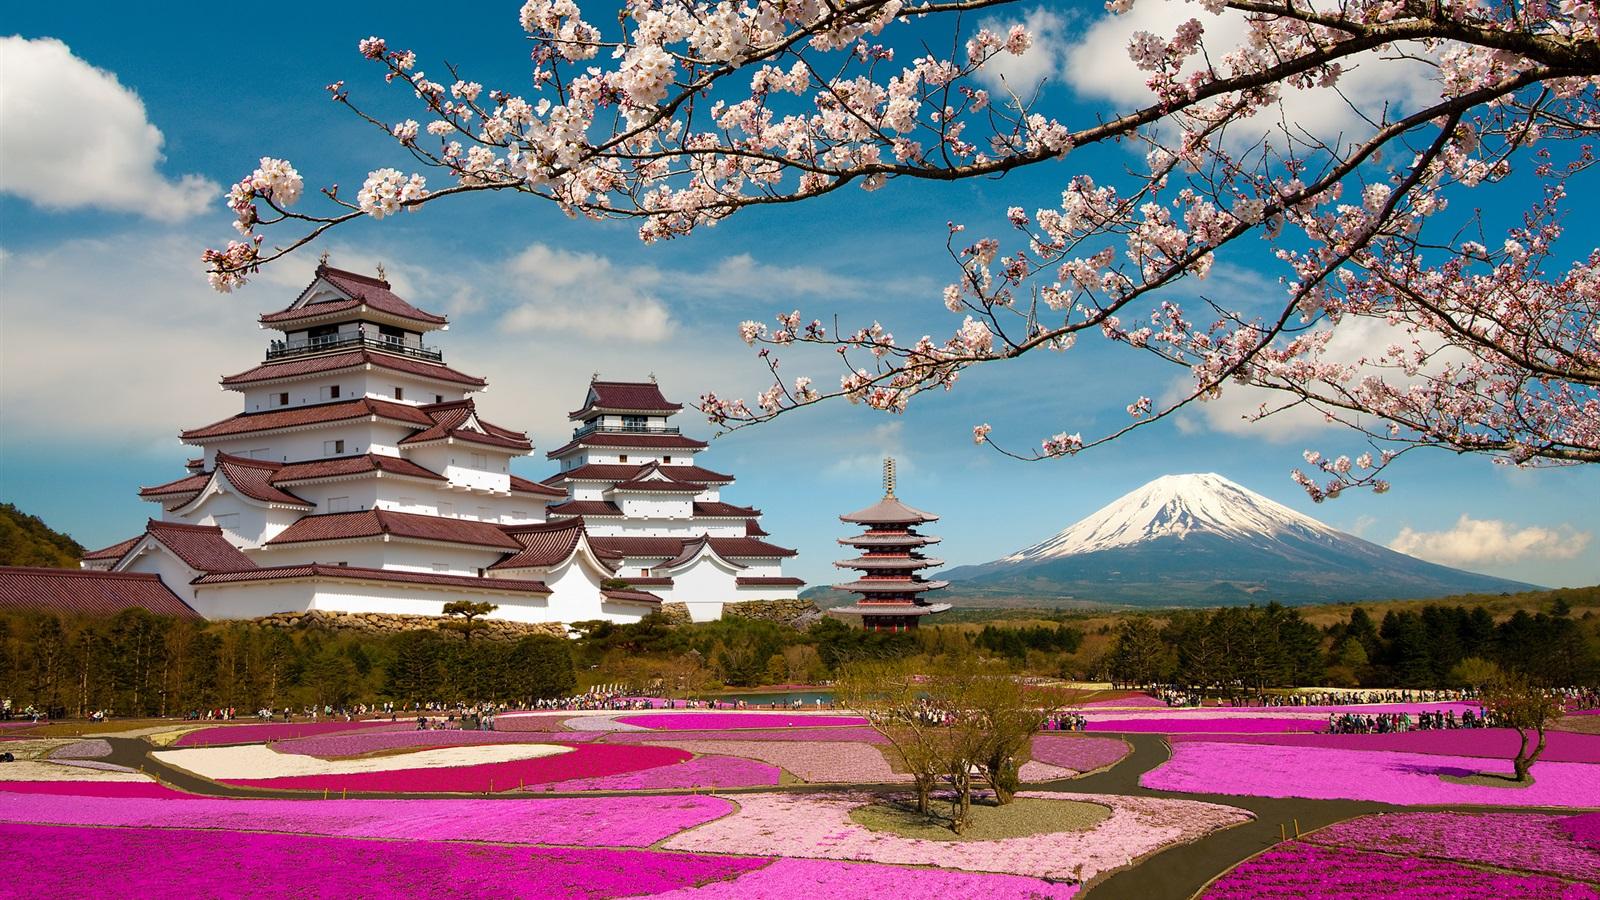 壁紙 富士山 日本 寺院 さくらの花 19x1440 Hd 無料のデスクトップの背景 画像